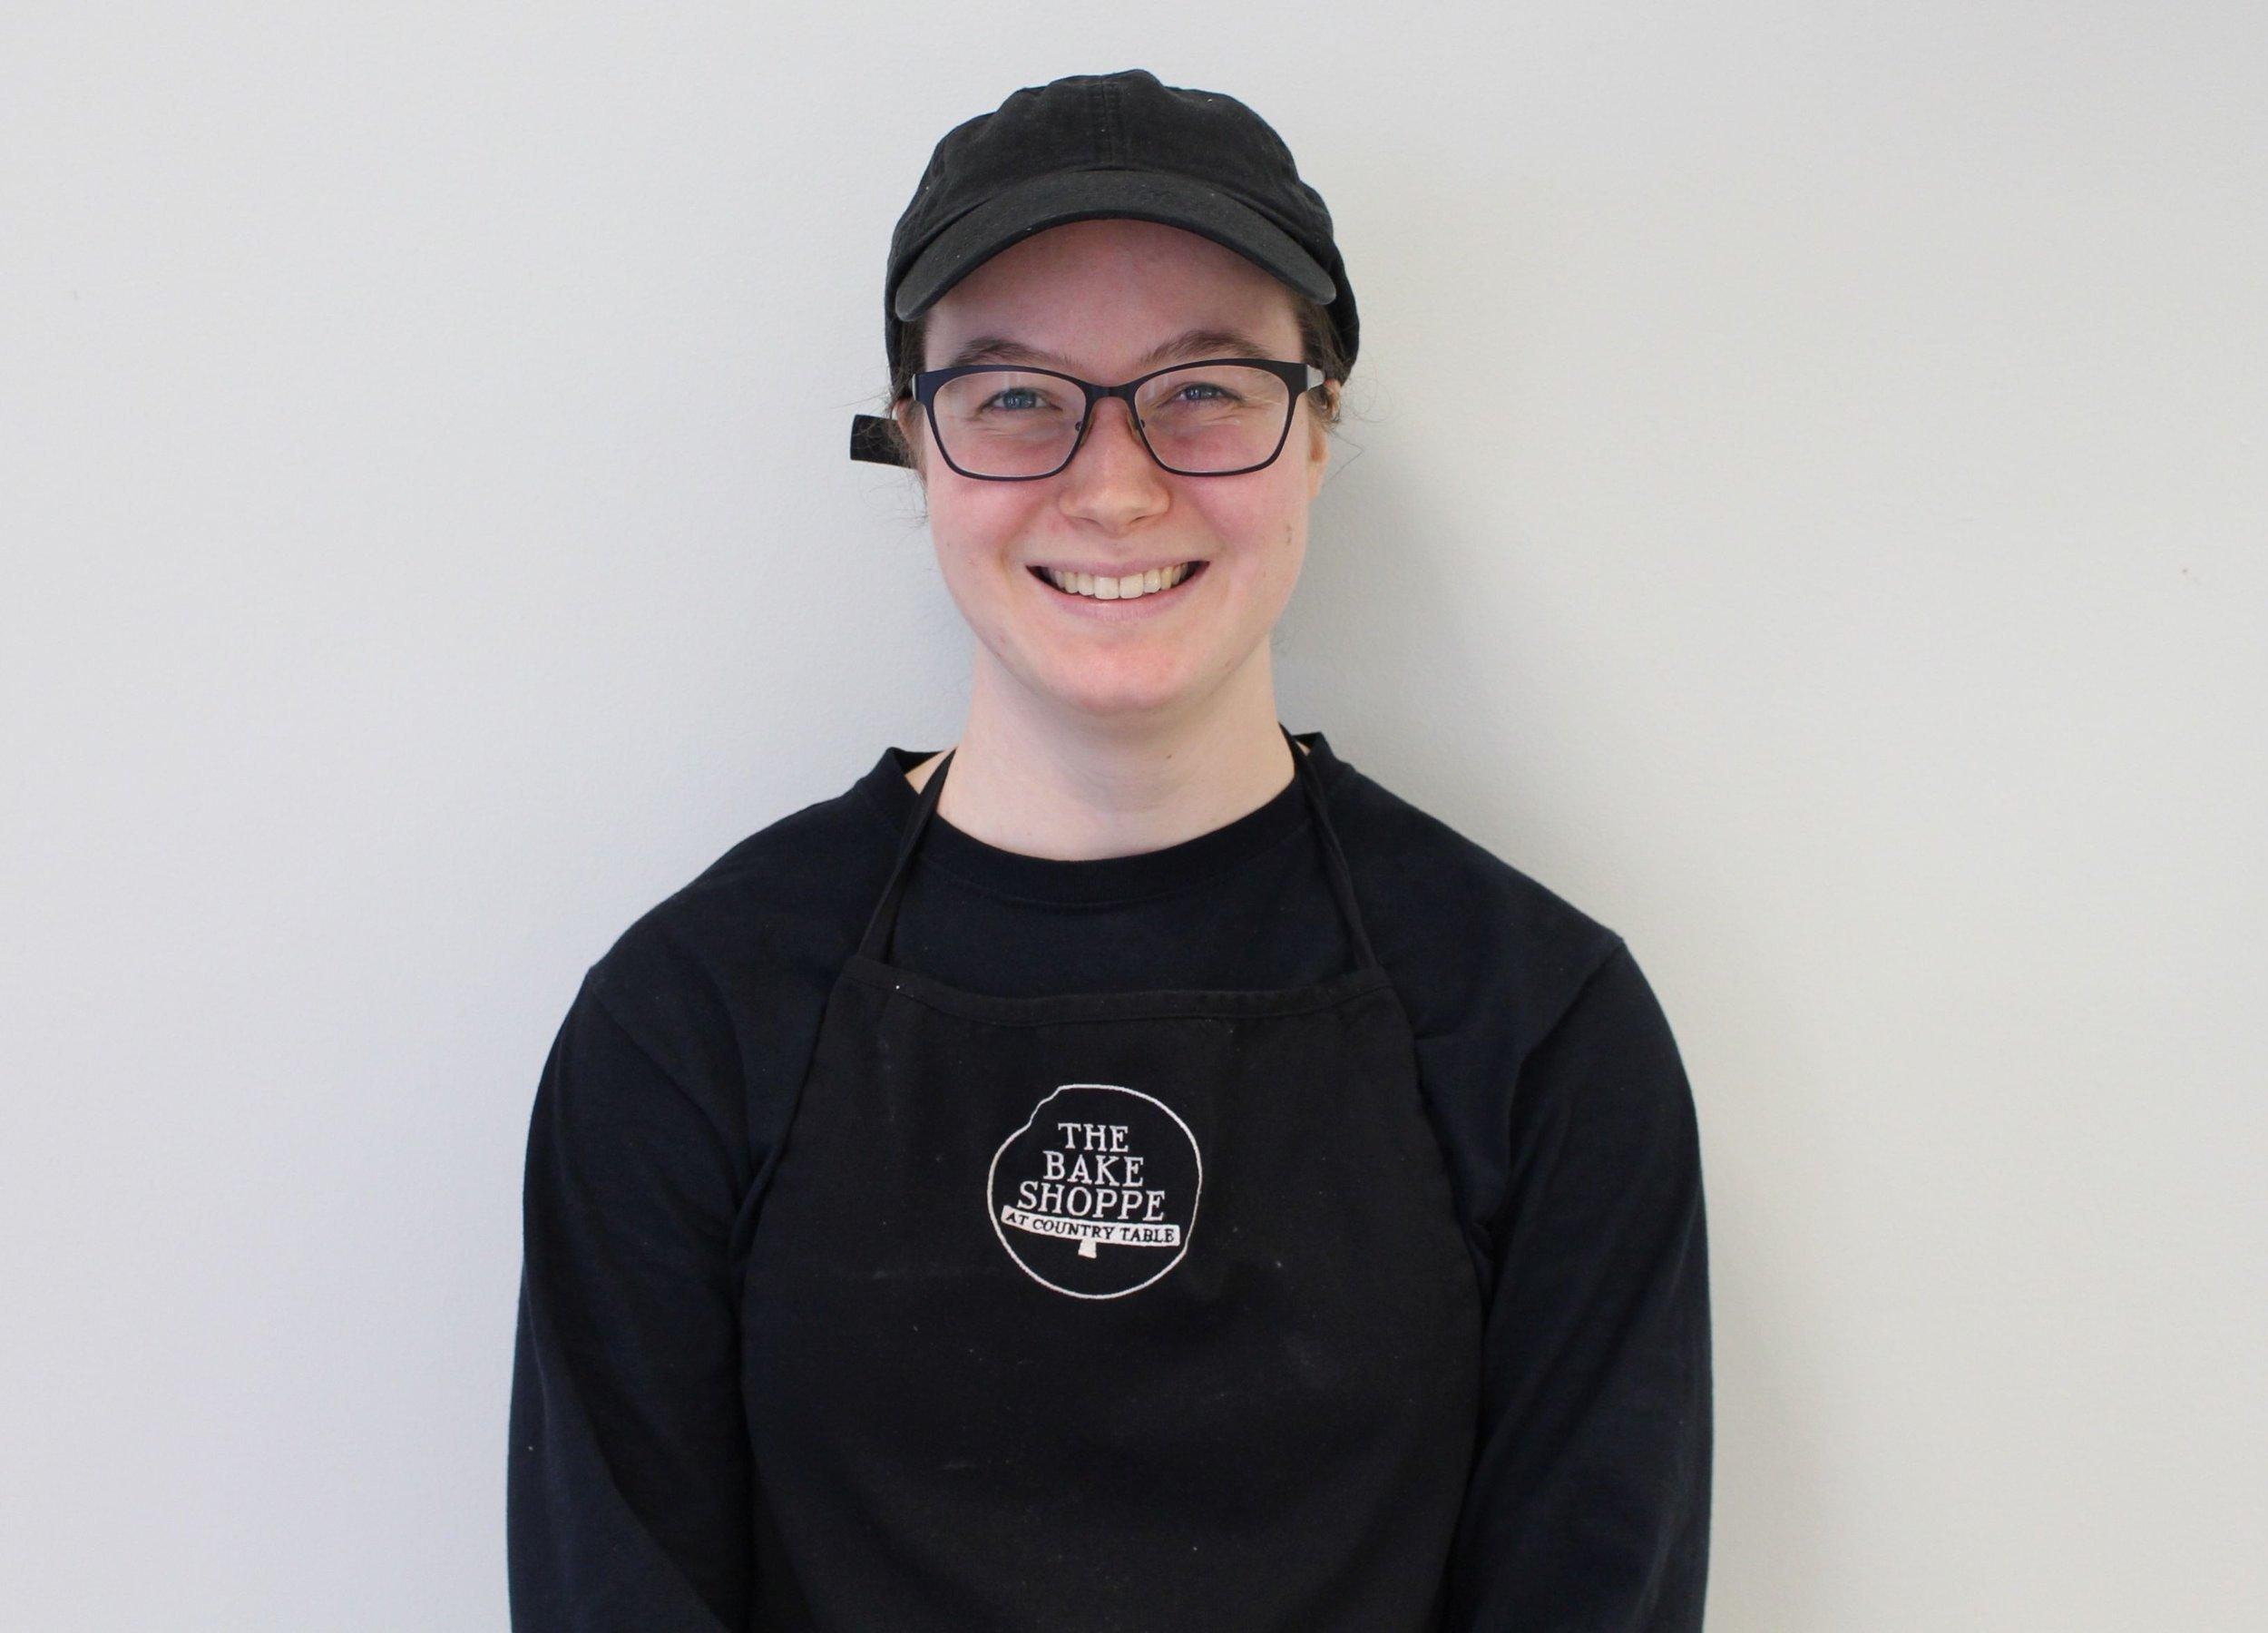 Tess - Title: Talented Baker/Sales Associate